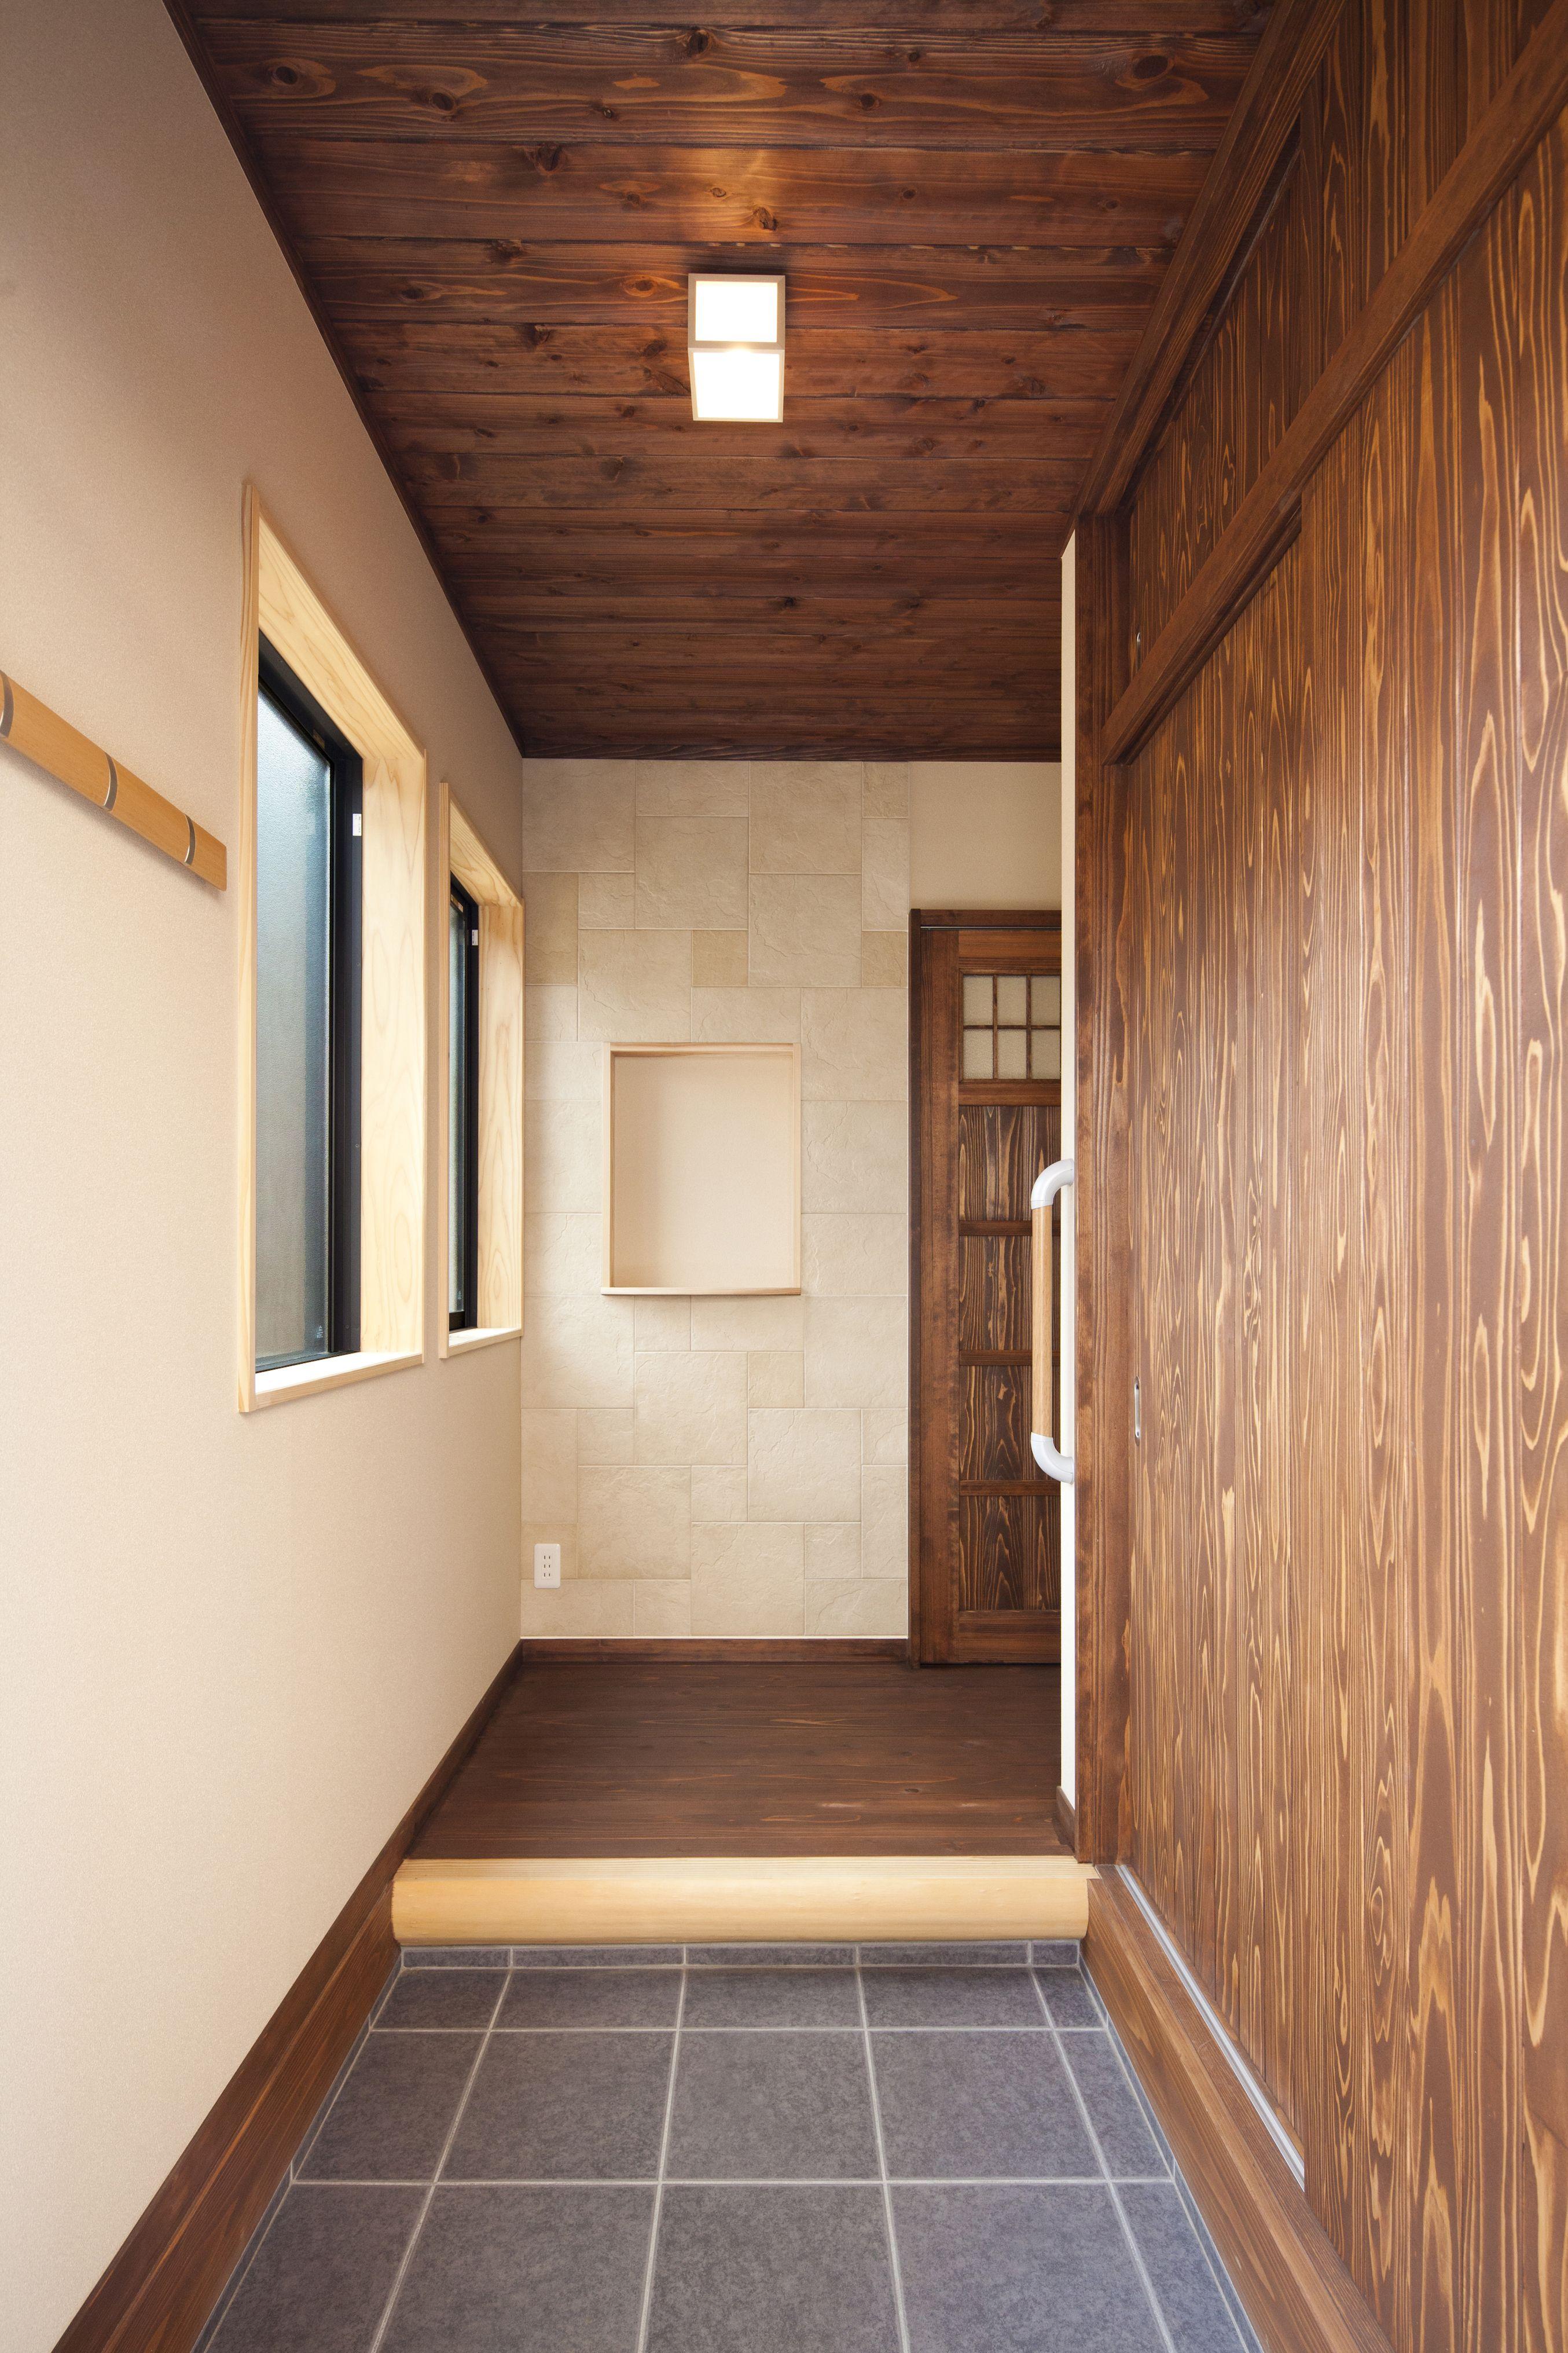 自然素材塗料で着色を施した無垢杉の床や天井 建具で古民家風な印象に仕上げた玄関 自然素材をふんだんに使用した家で 家族みんなが健康で安心できる暮らしを 地震から家を守る 制震装置 Evoltz 耐震レベルも 安心の 耐震等級3 土台と柱は 全て4寸角